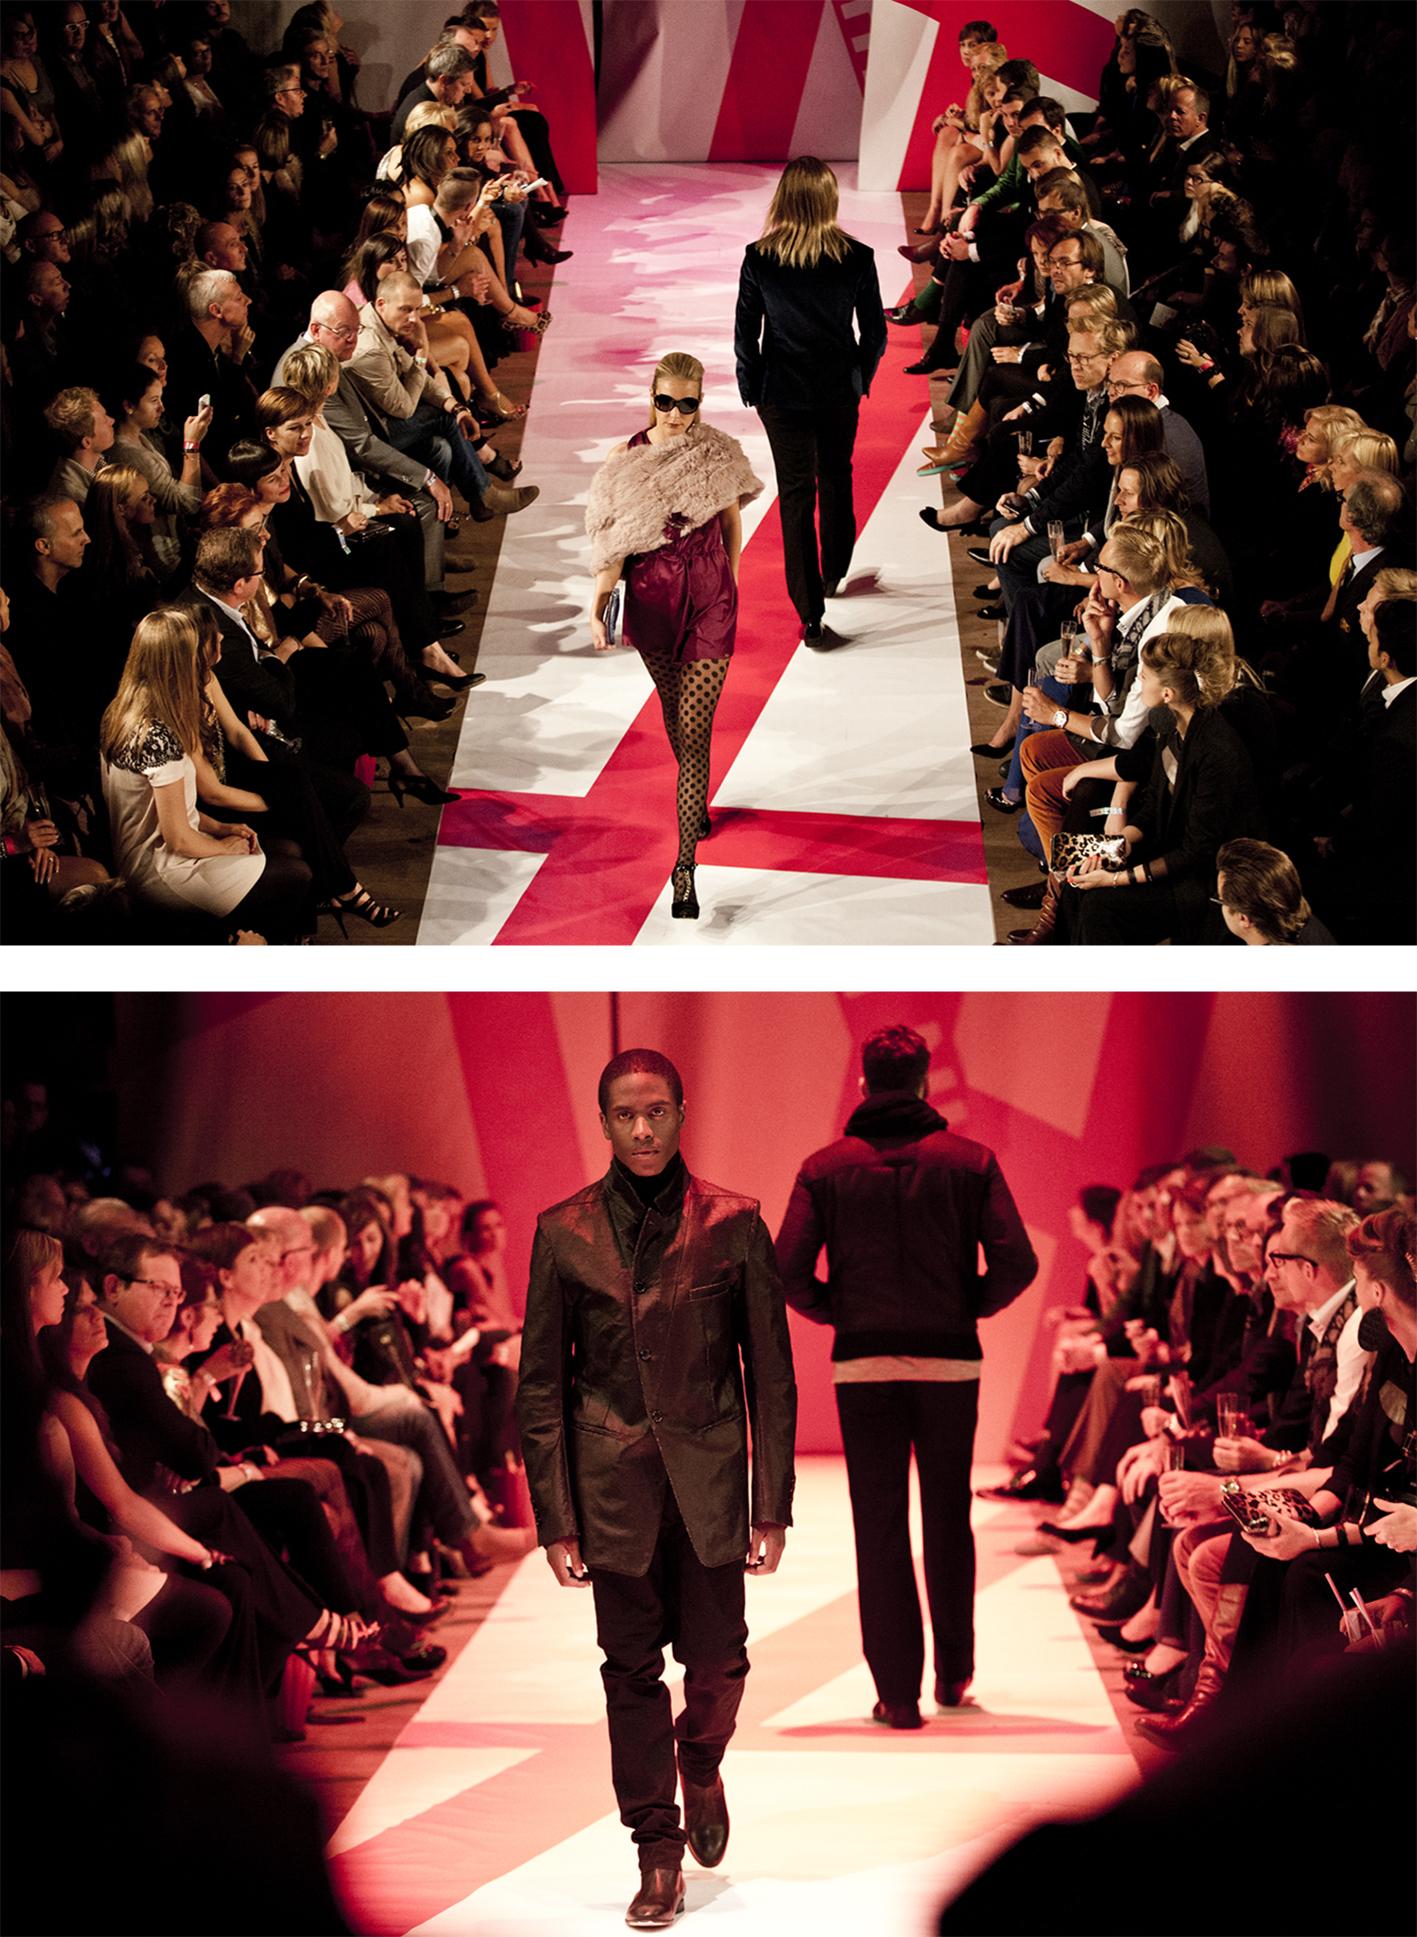 Ghent Fashion Night